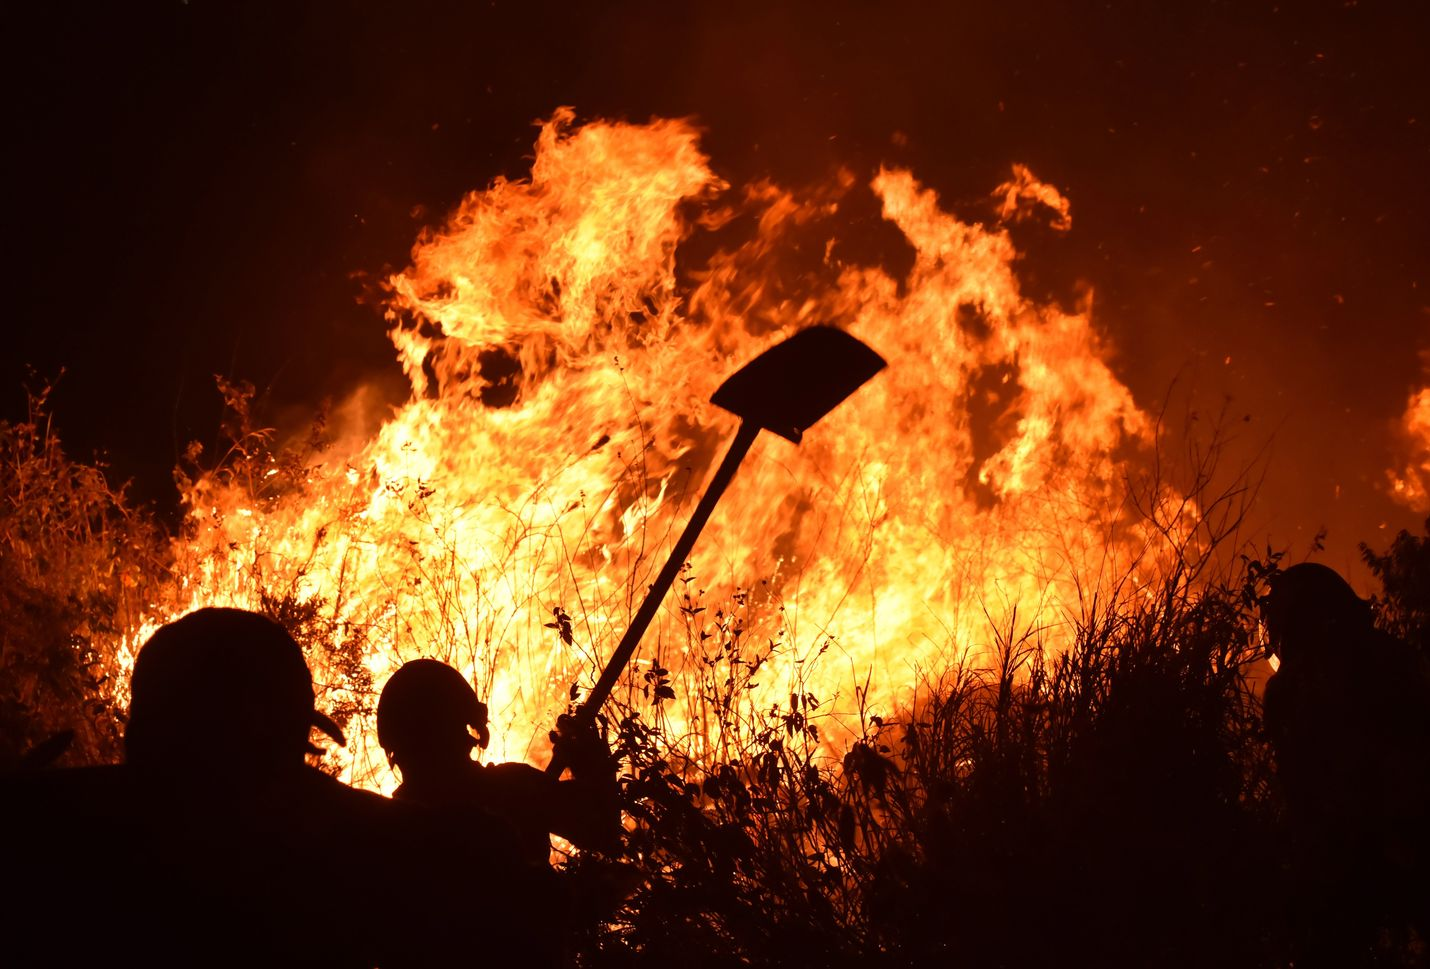 Palomiehet yrittivät sammuttaa metsäpaloa Kolumbian Calissa viime tiistaina. Metsien tuhoutuessa vapautuvat hiilipäästöt lämmittävät ilmakehää, mikä lisää metsäpalojen mahdollisuutta.